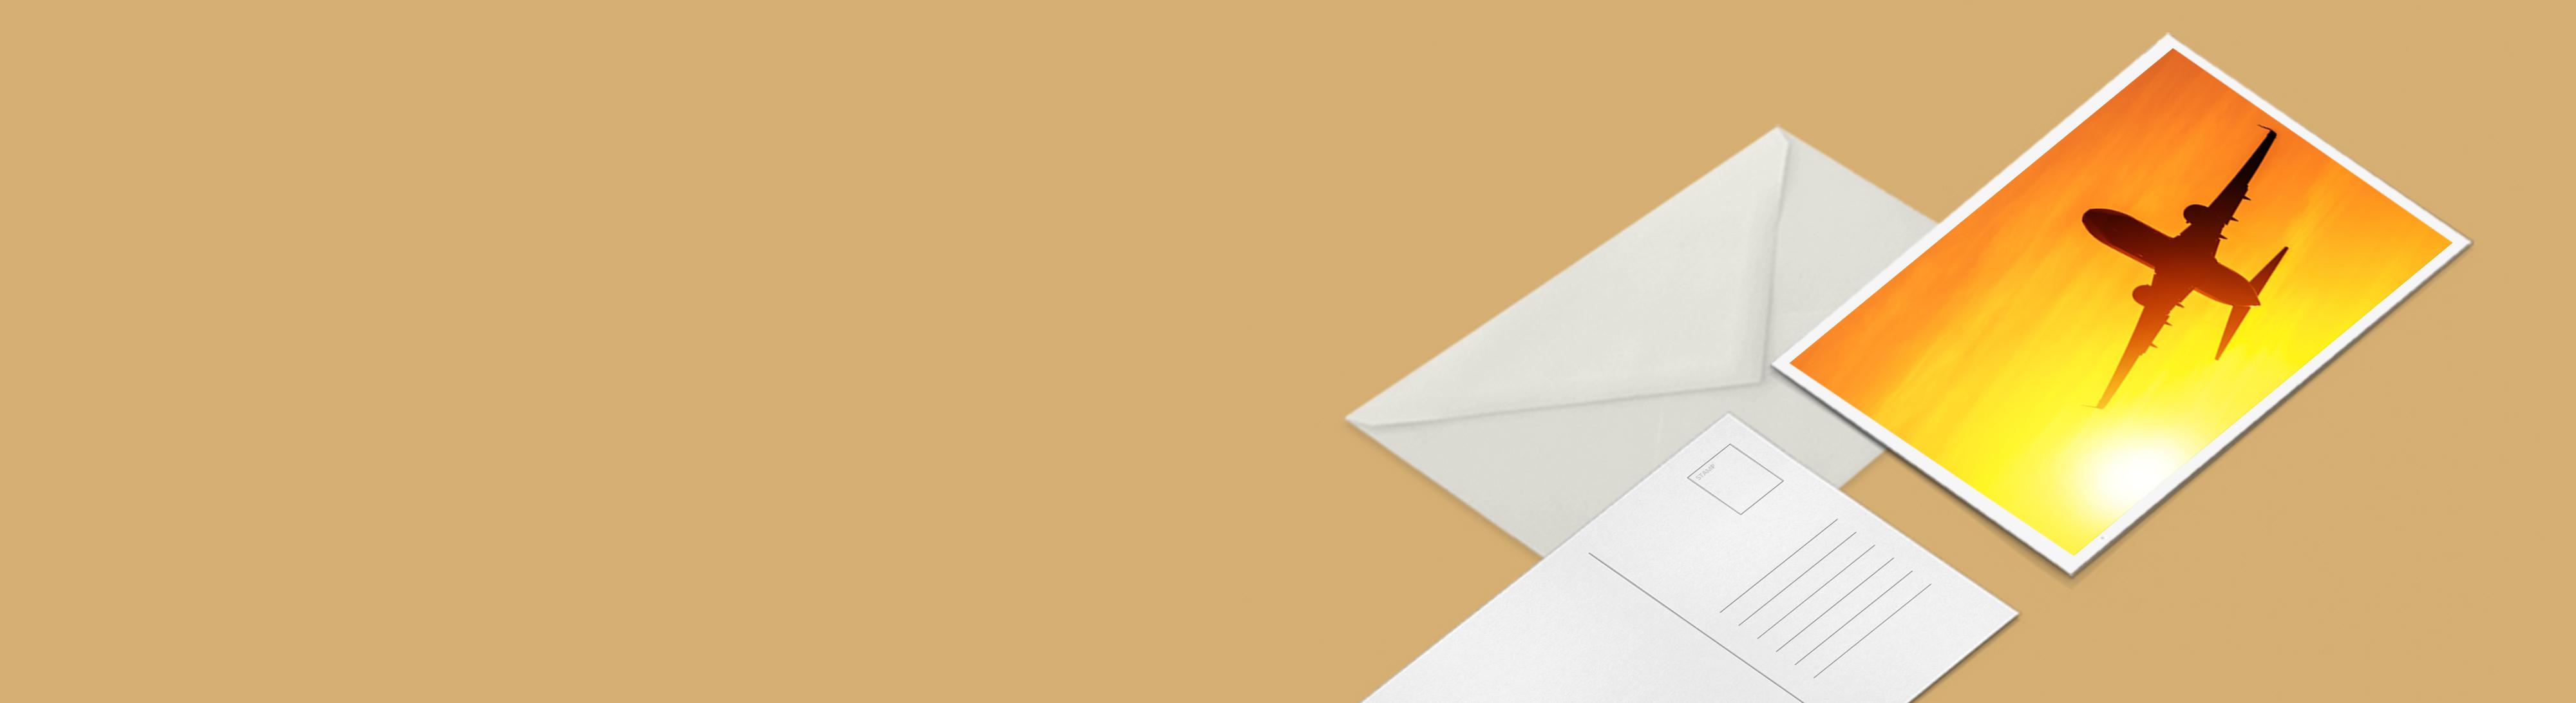 Imprimer carte postale express